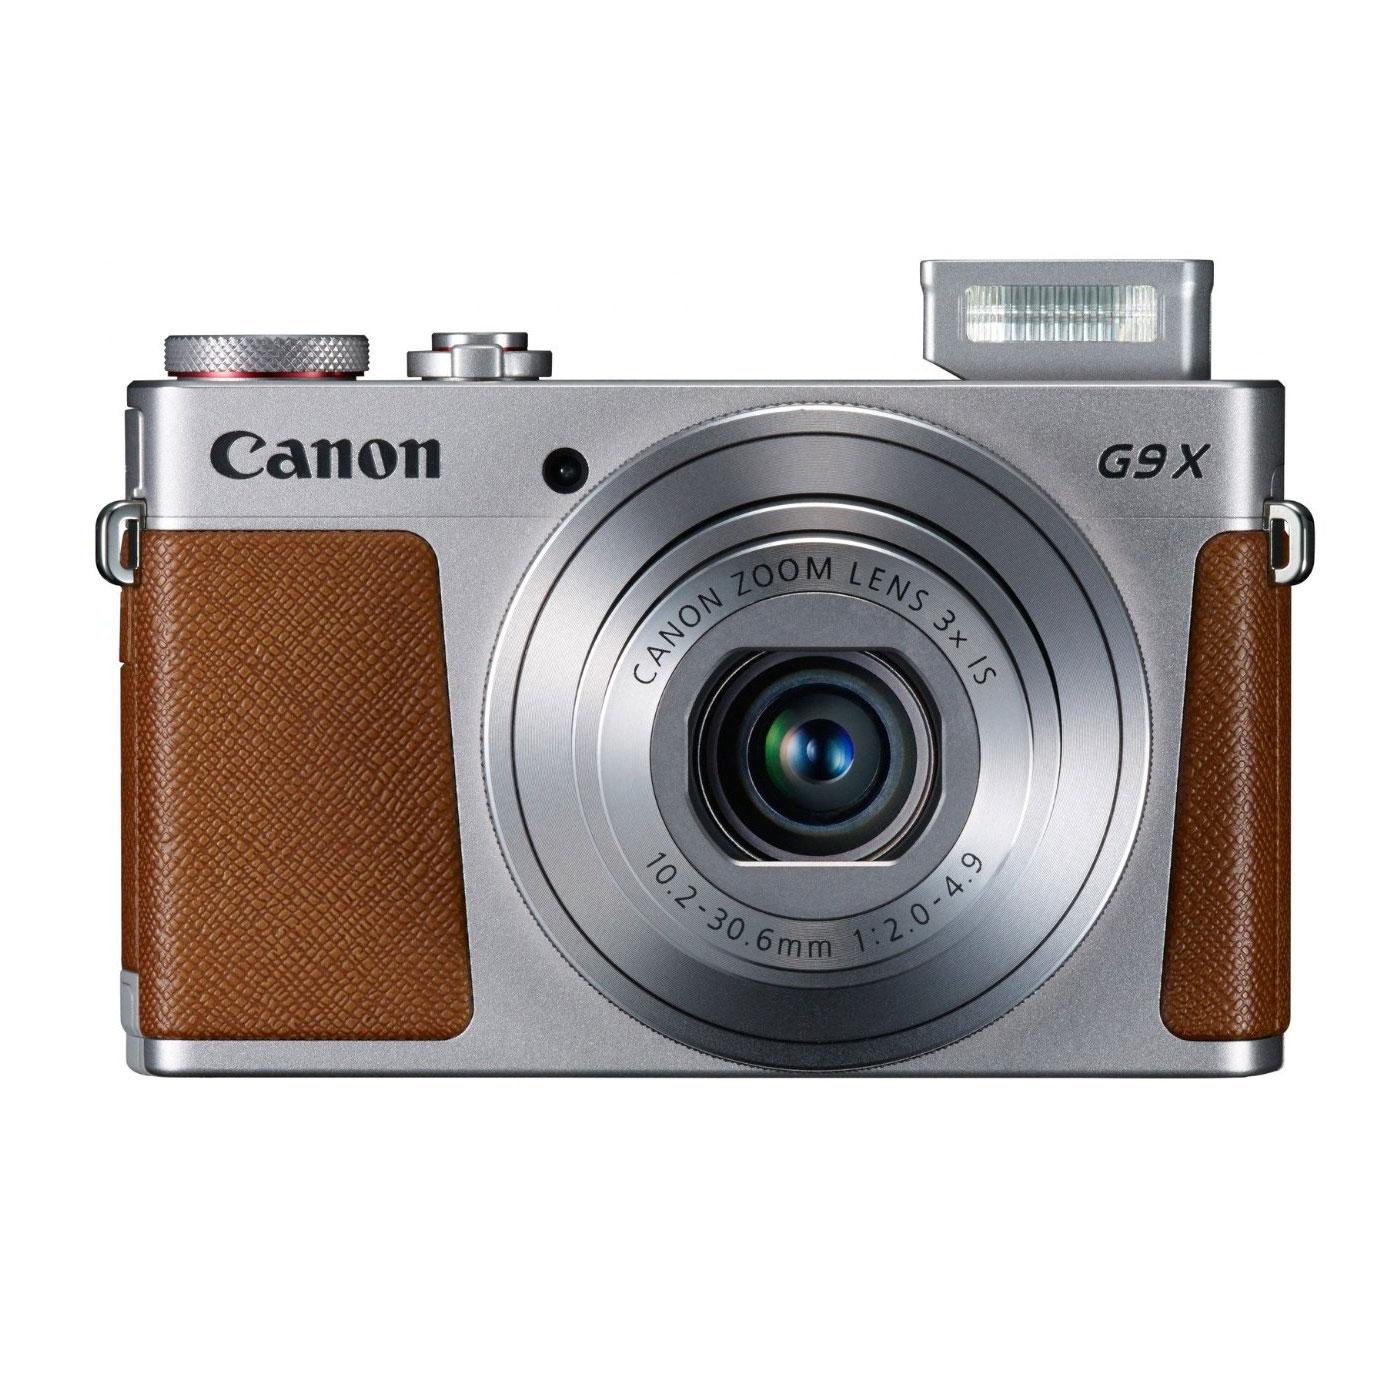 Canon powershot g9 x argent appareil photo num rique for Ecran appareil photo canon